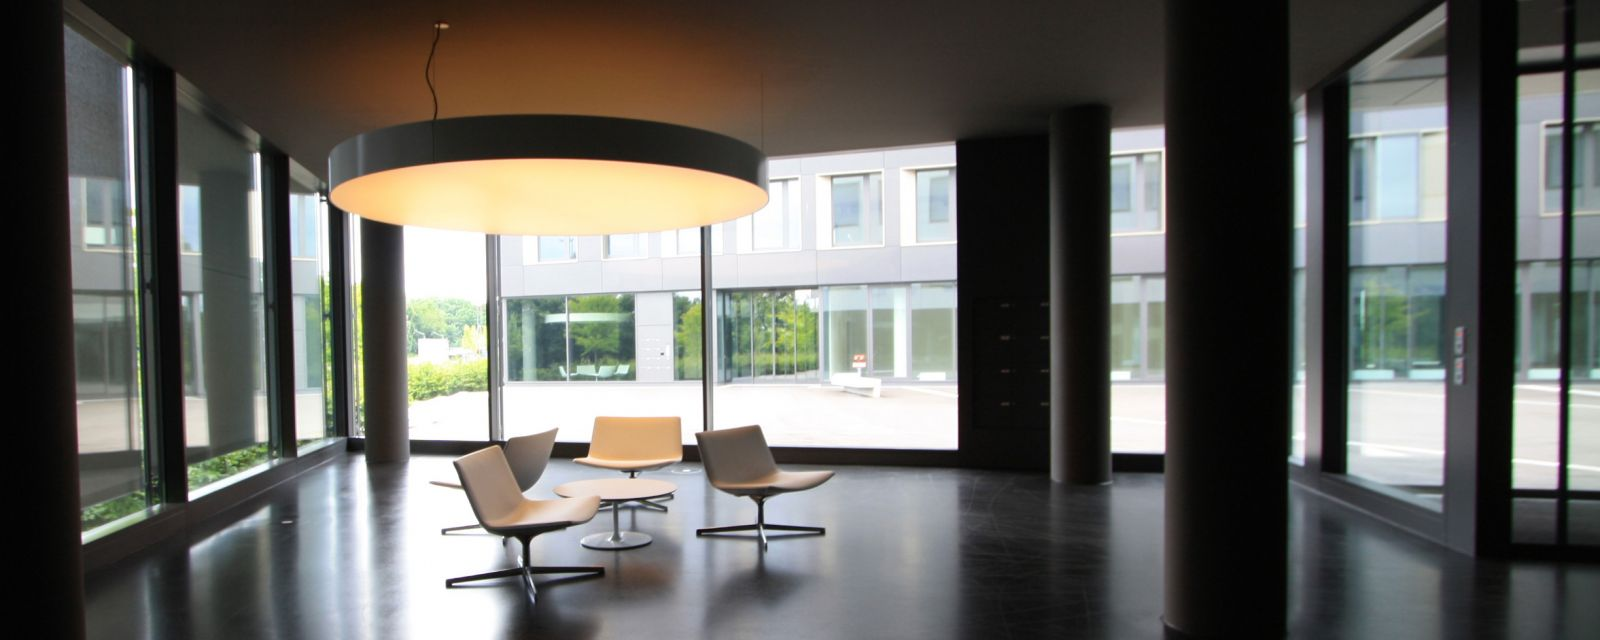 immobilienreport m nchen bogevischs. Black Bedroom Furniture Sets. Home Design Ideas